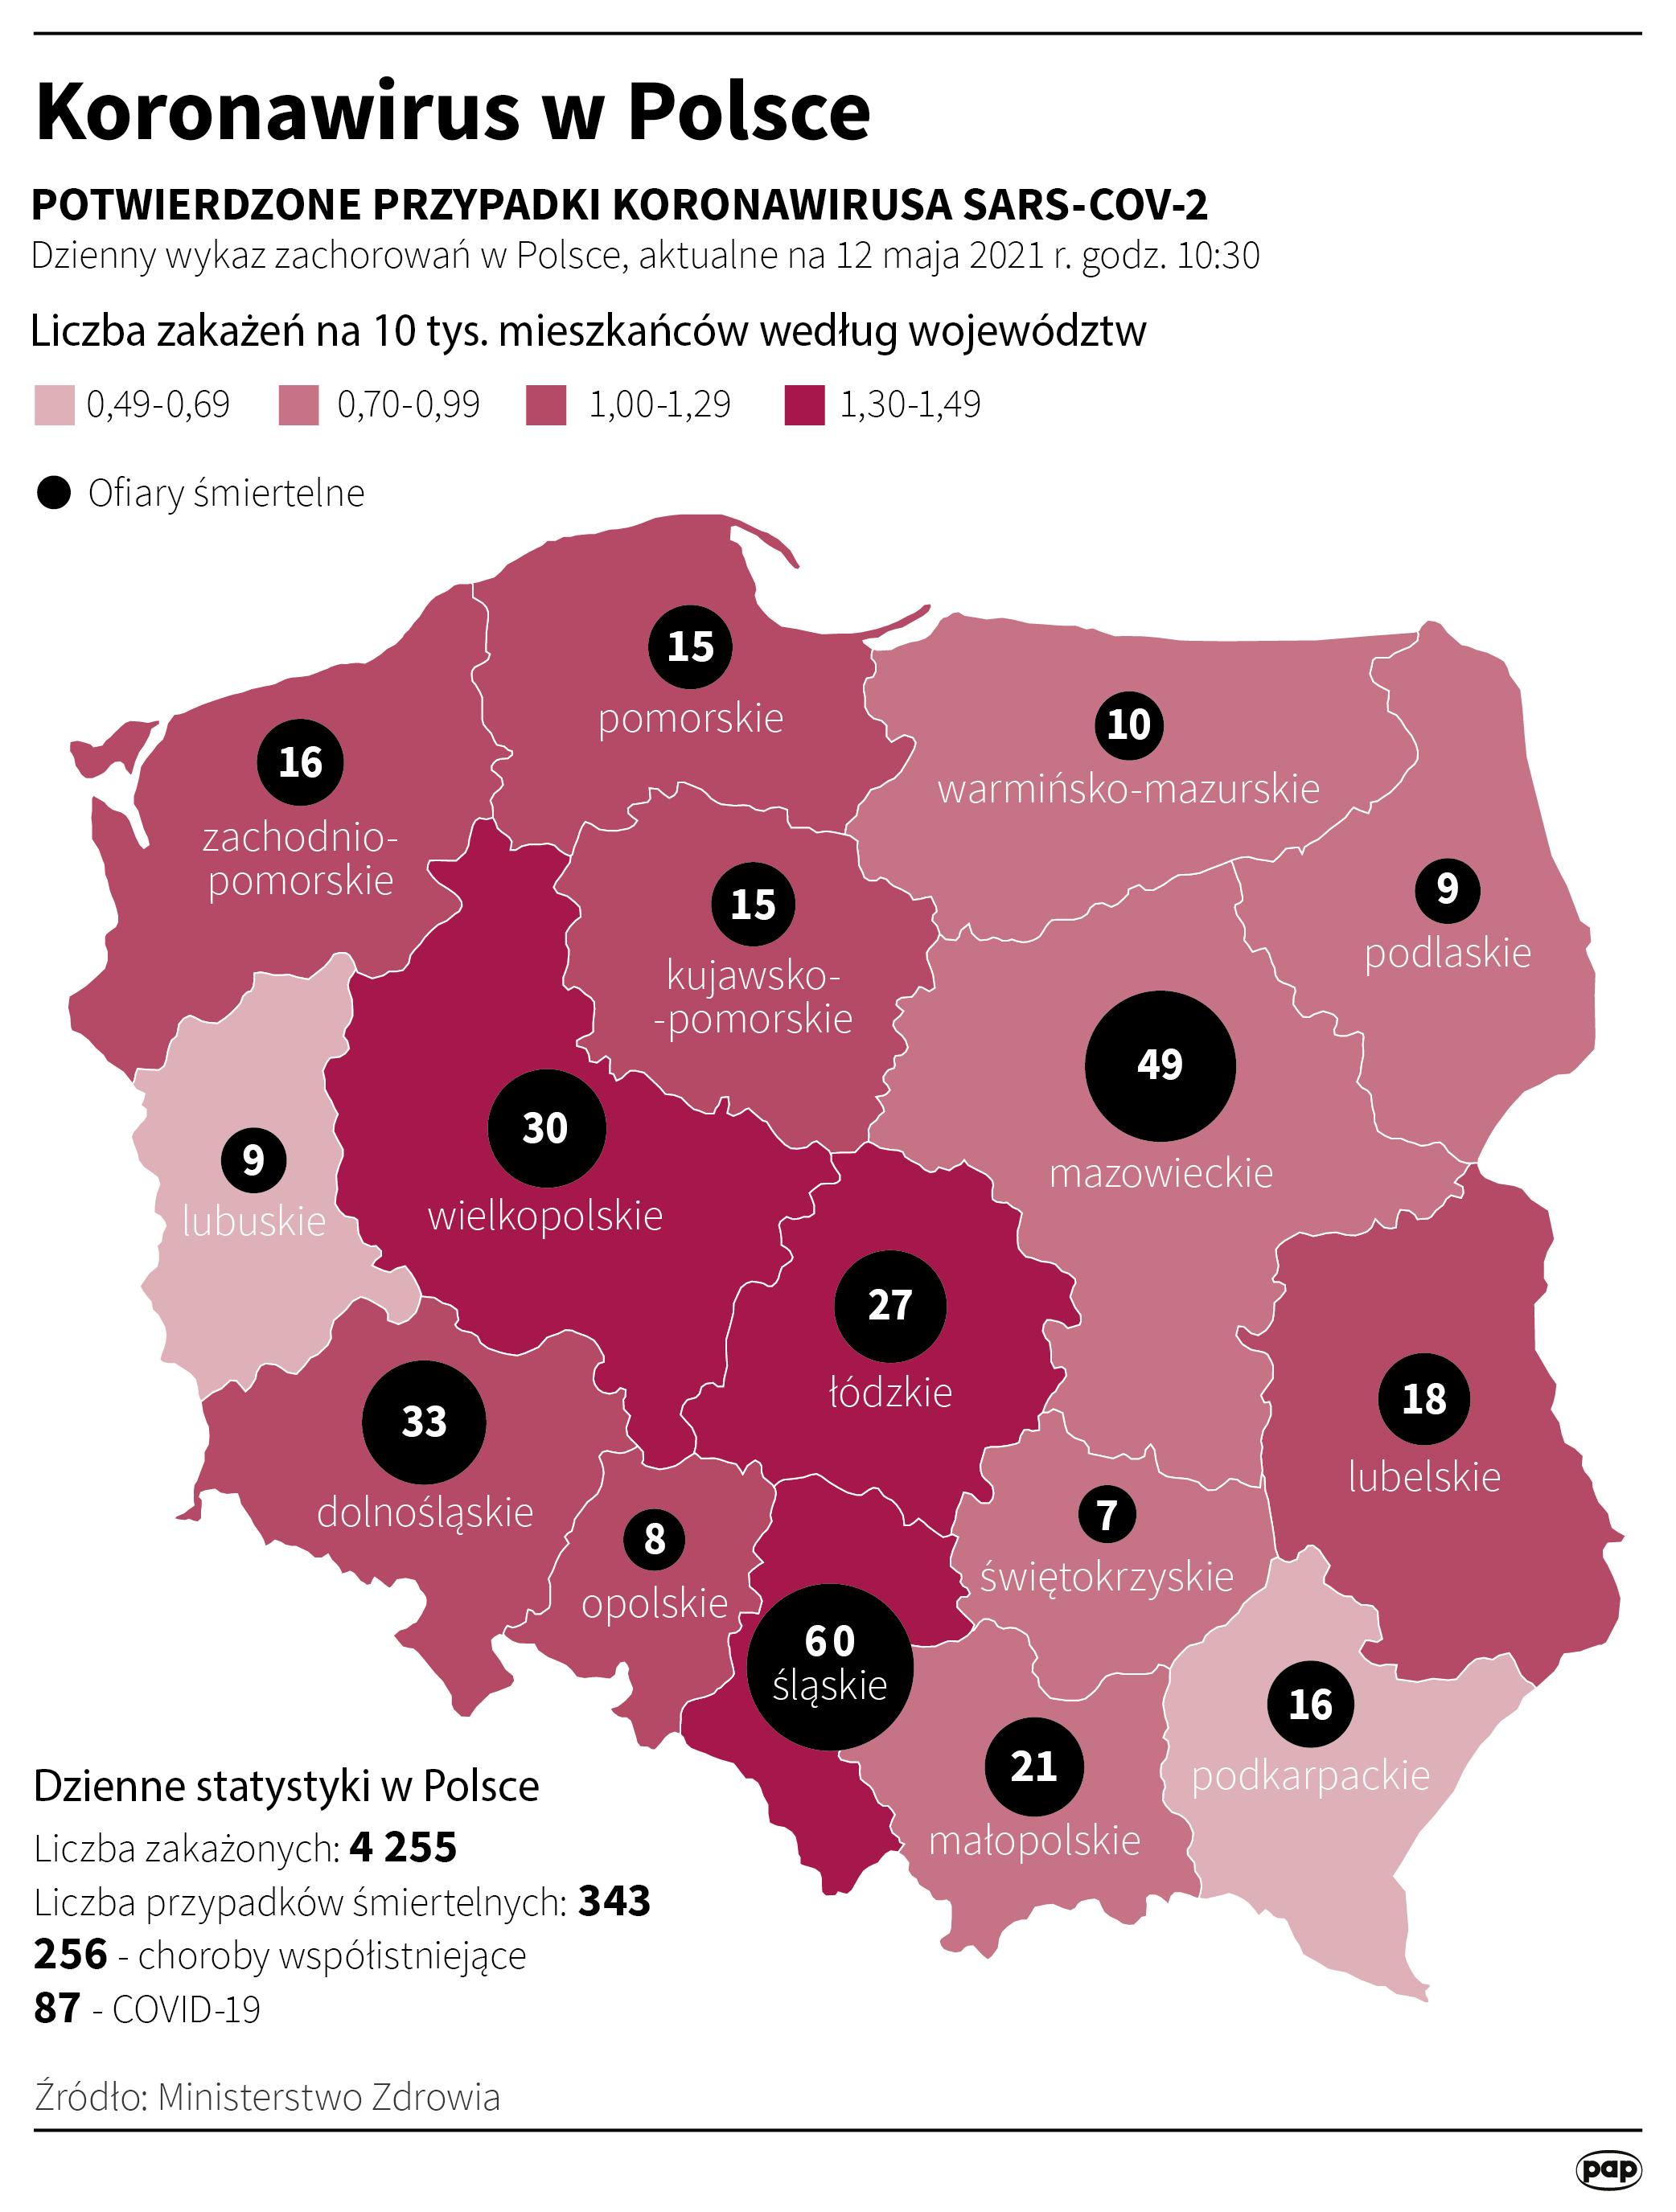 Koronawirus w Polsce - stan na 12 maja [fot. Maciej Zieliński/PAP]